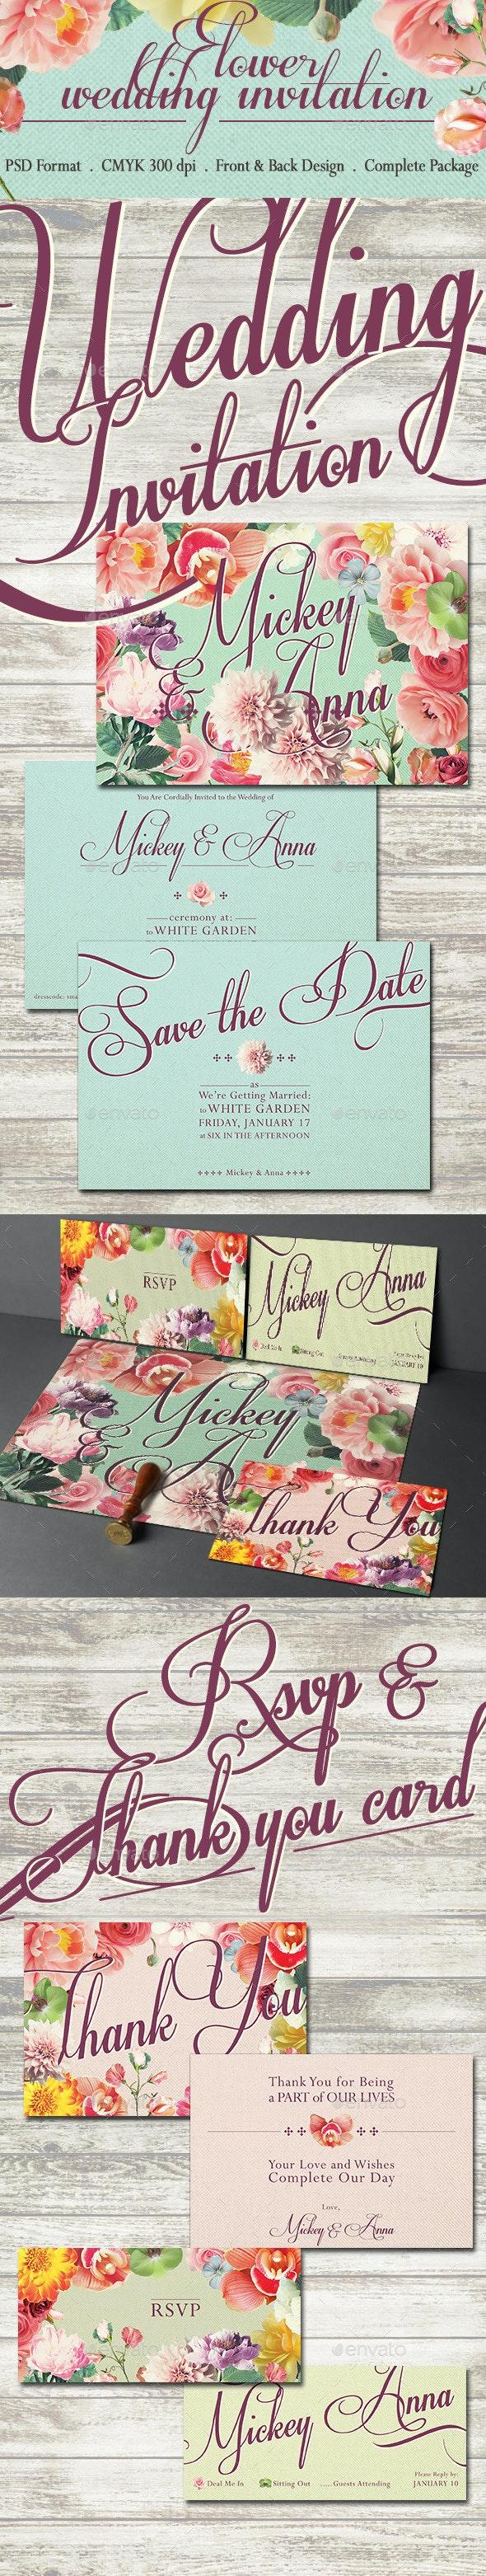 Sweet Flower Wedding Invitation - Weddings Cards & Invites